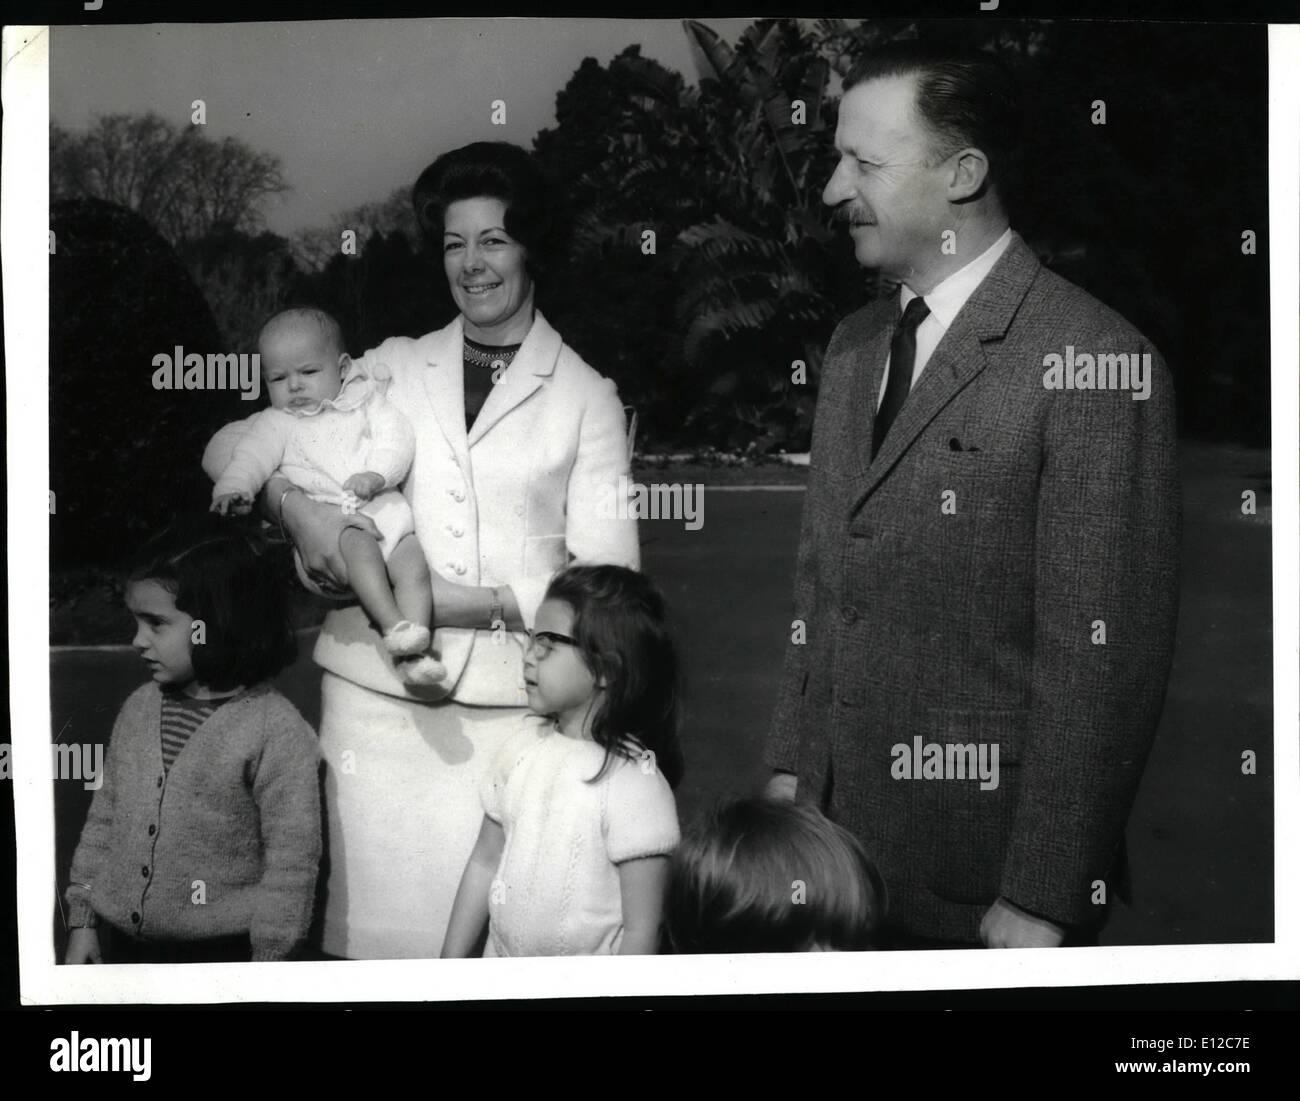 Il 12 Dic. 2011 - Il Presidente di Argentina, gen. Carlos Ongania con sua moglie Emiliana Greene De Ongania e loro grand i bambini presso la residenza presidenziale di Olivos. Immagini Stock